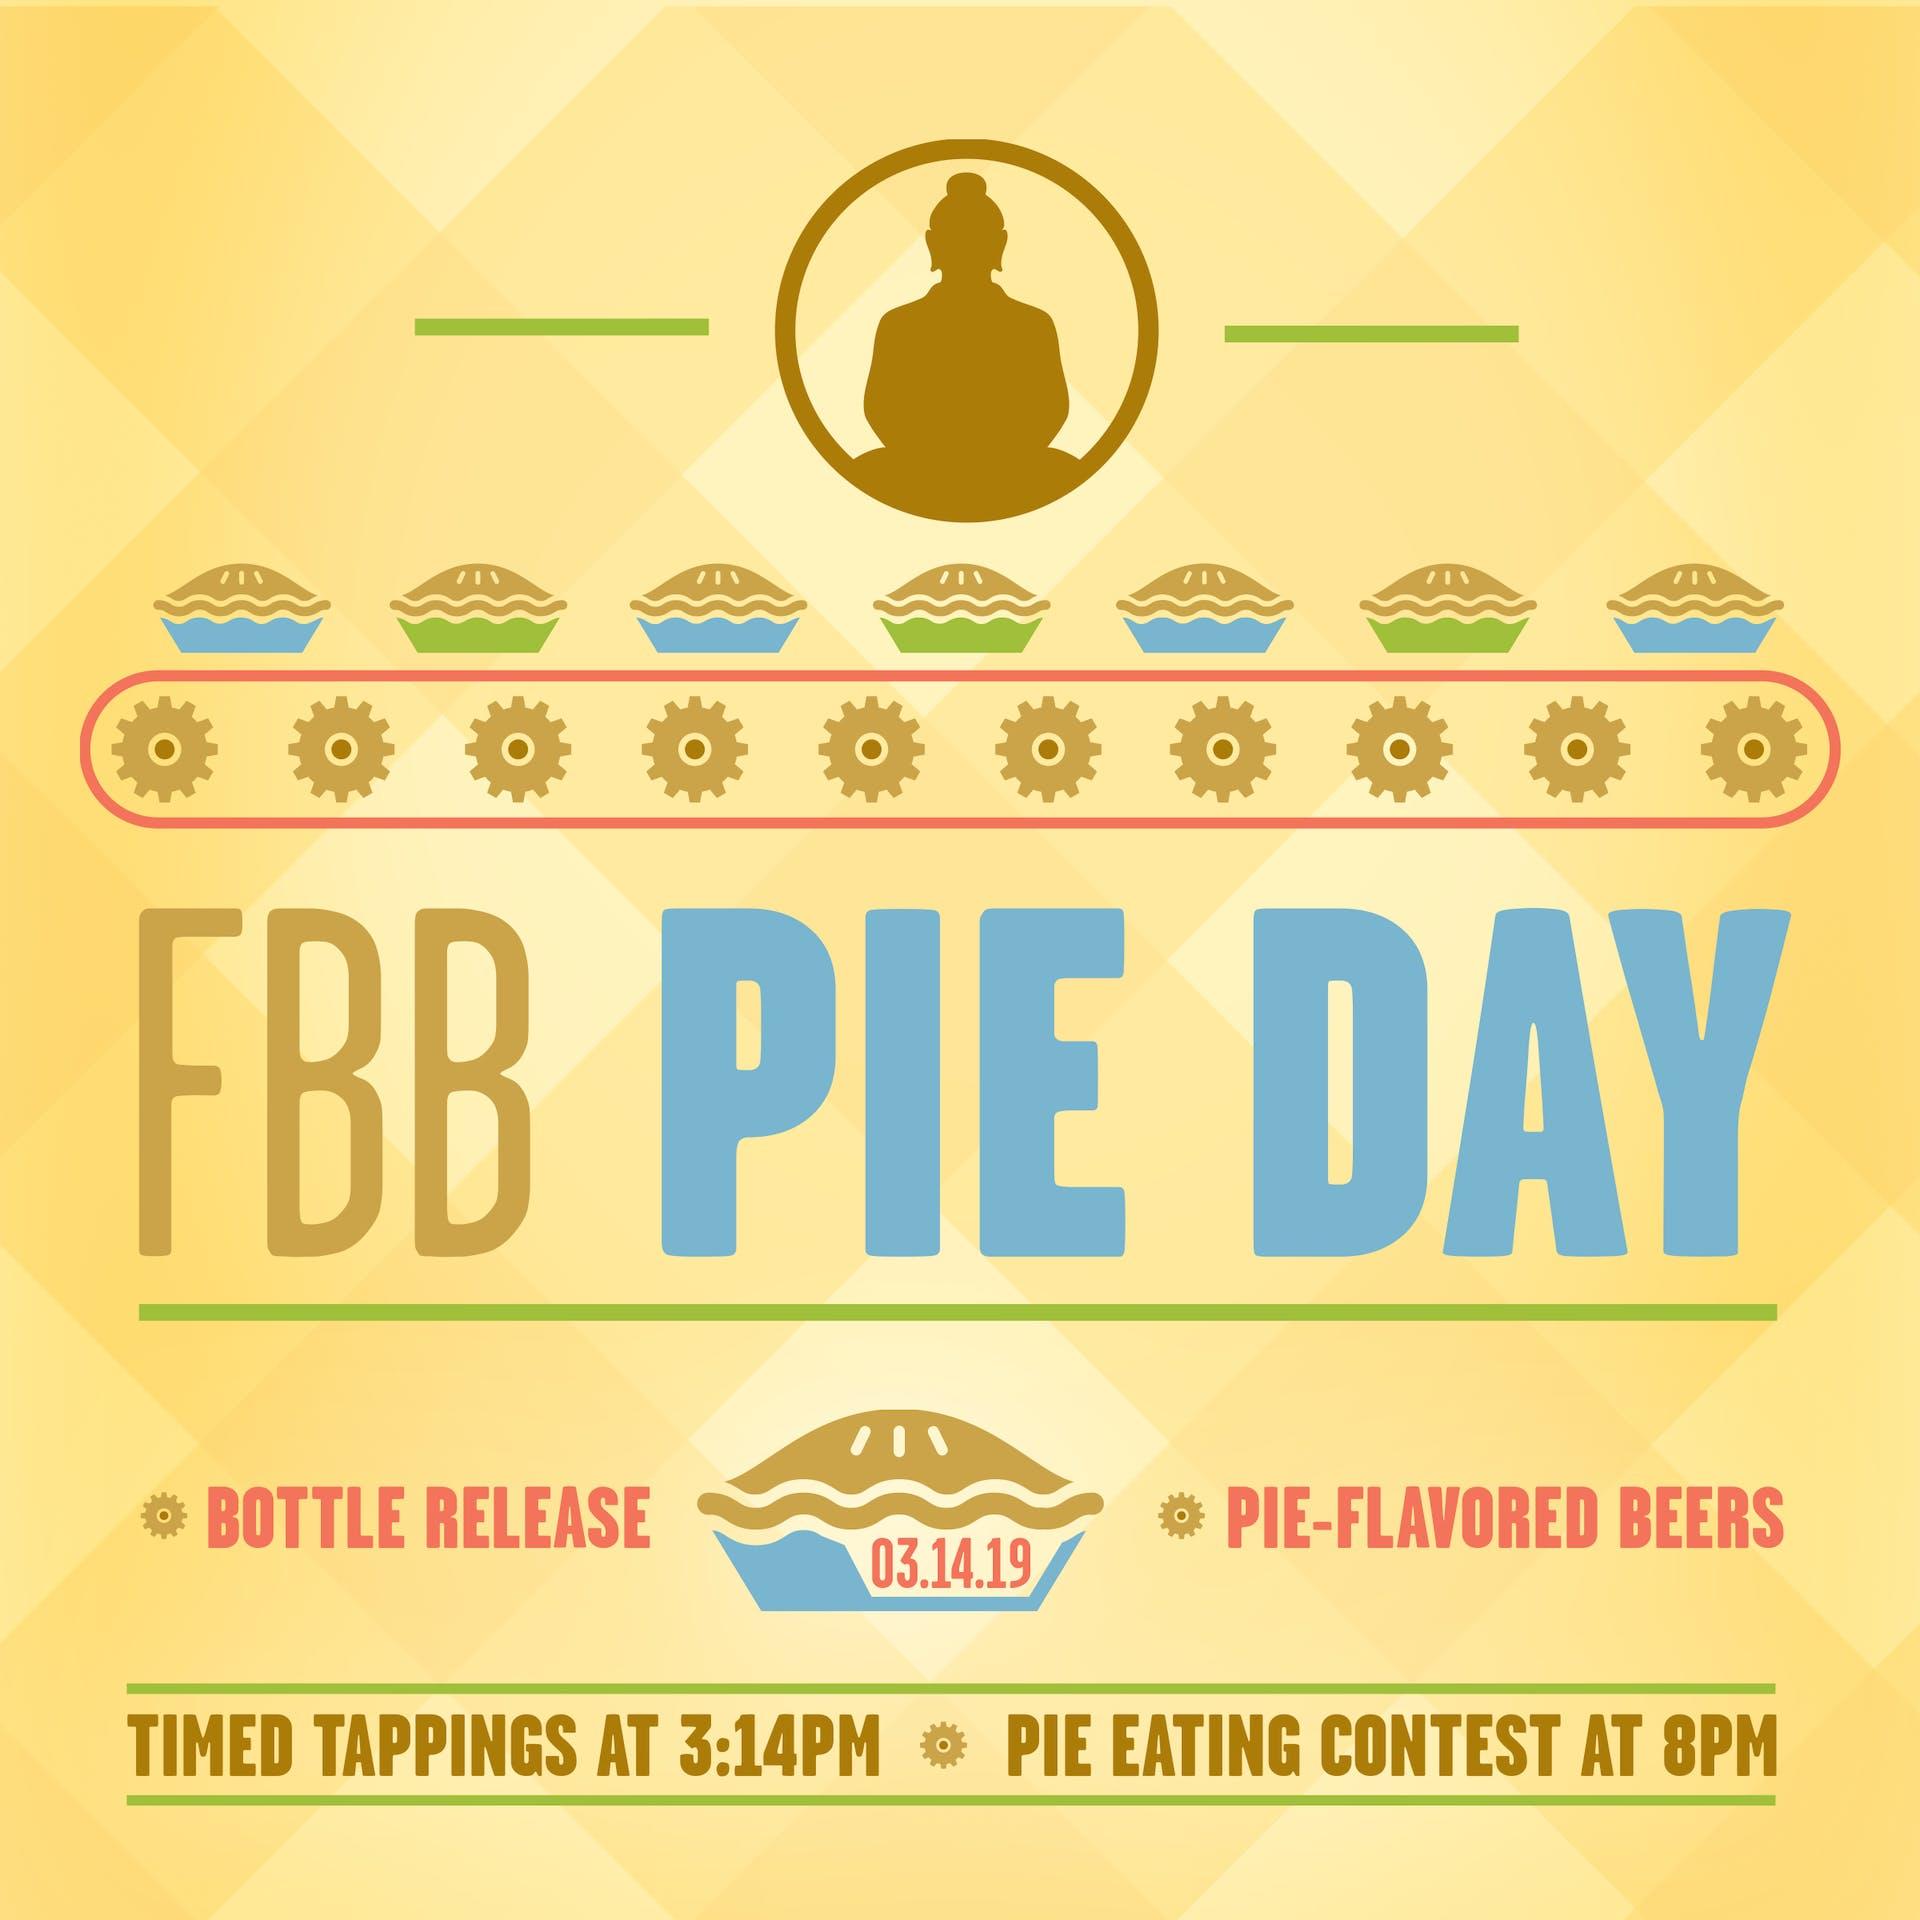 FBB_2019_Pie_Day_2400X2400